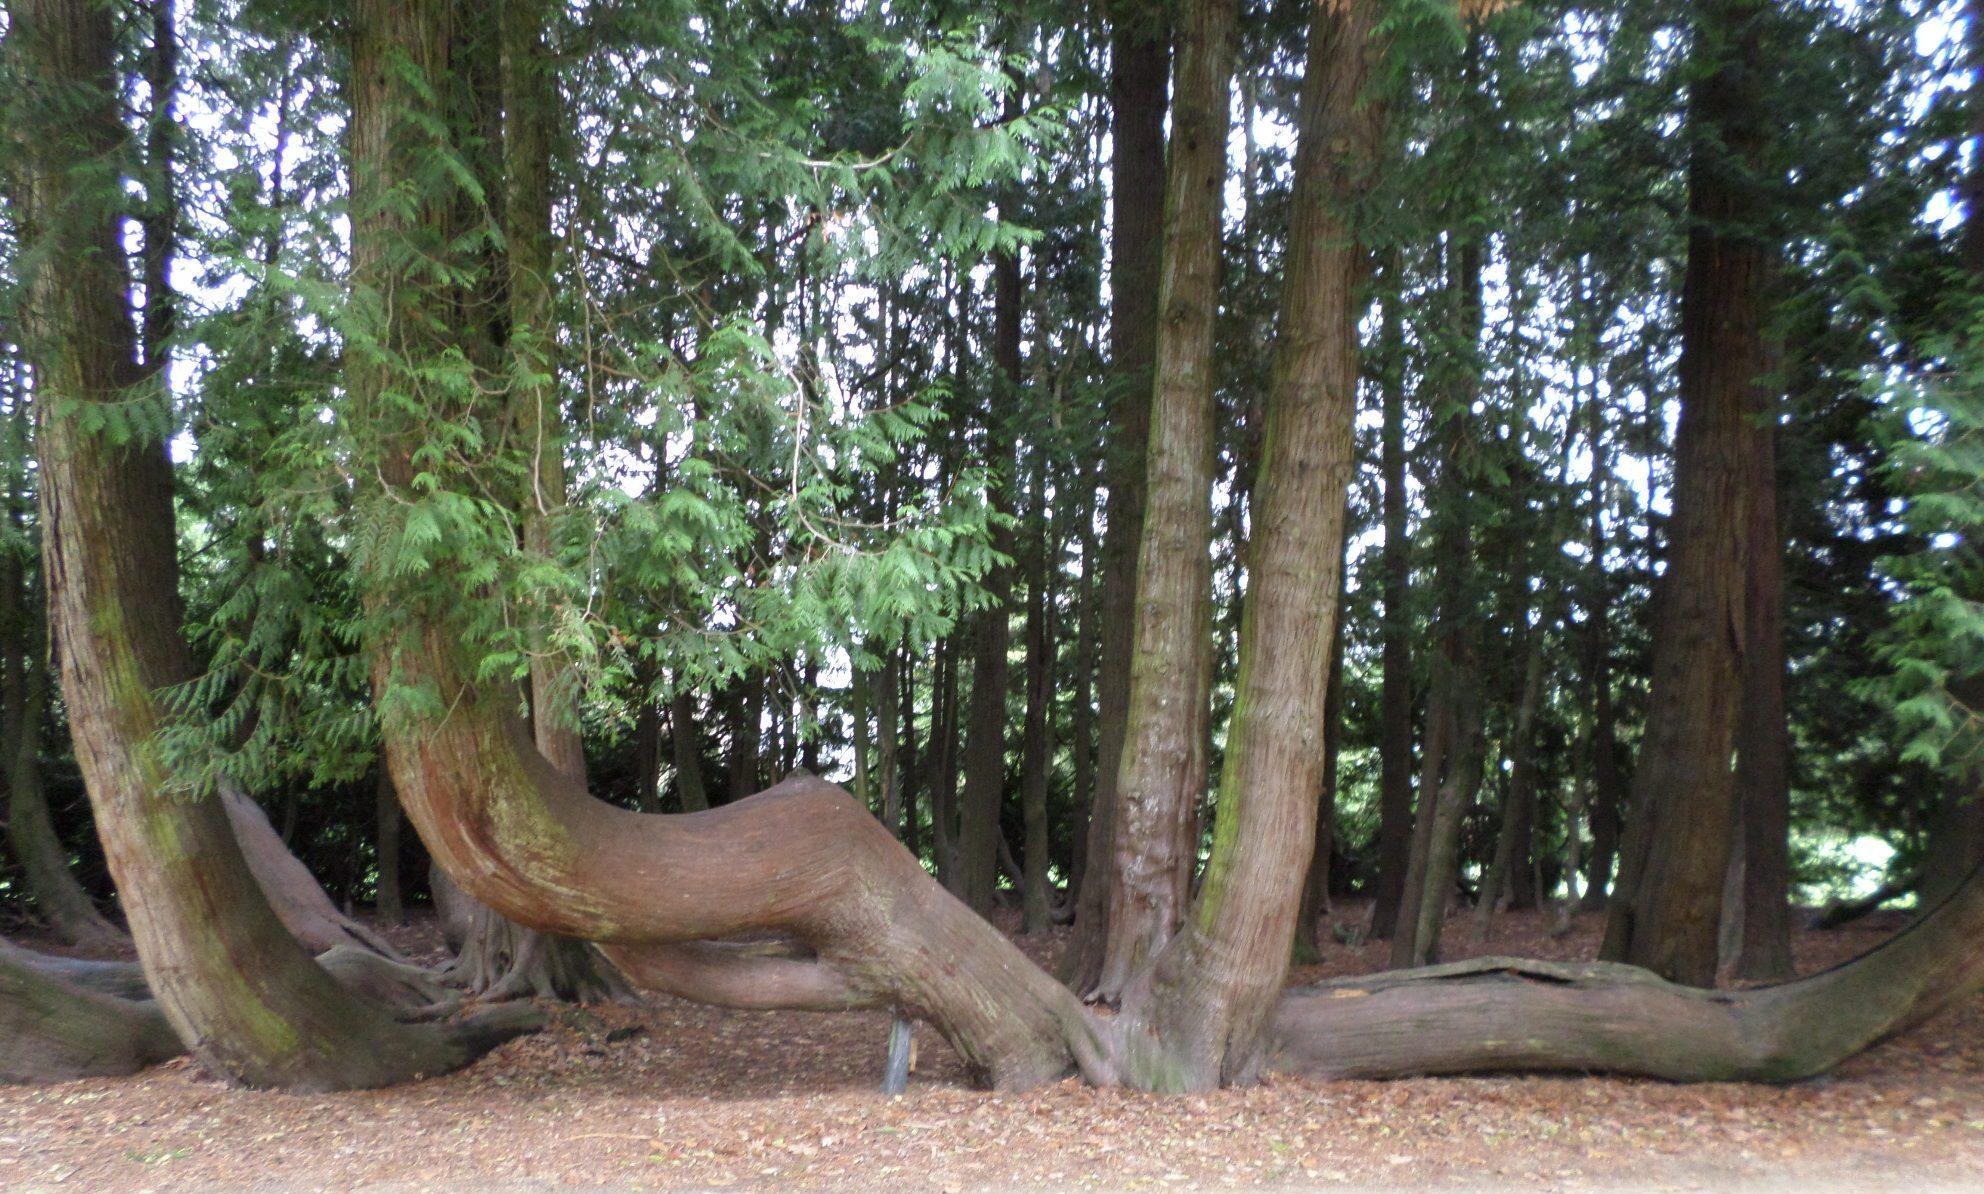 vitre-jardin-du-parc-curved-tree-on-canopy